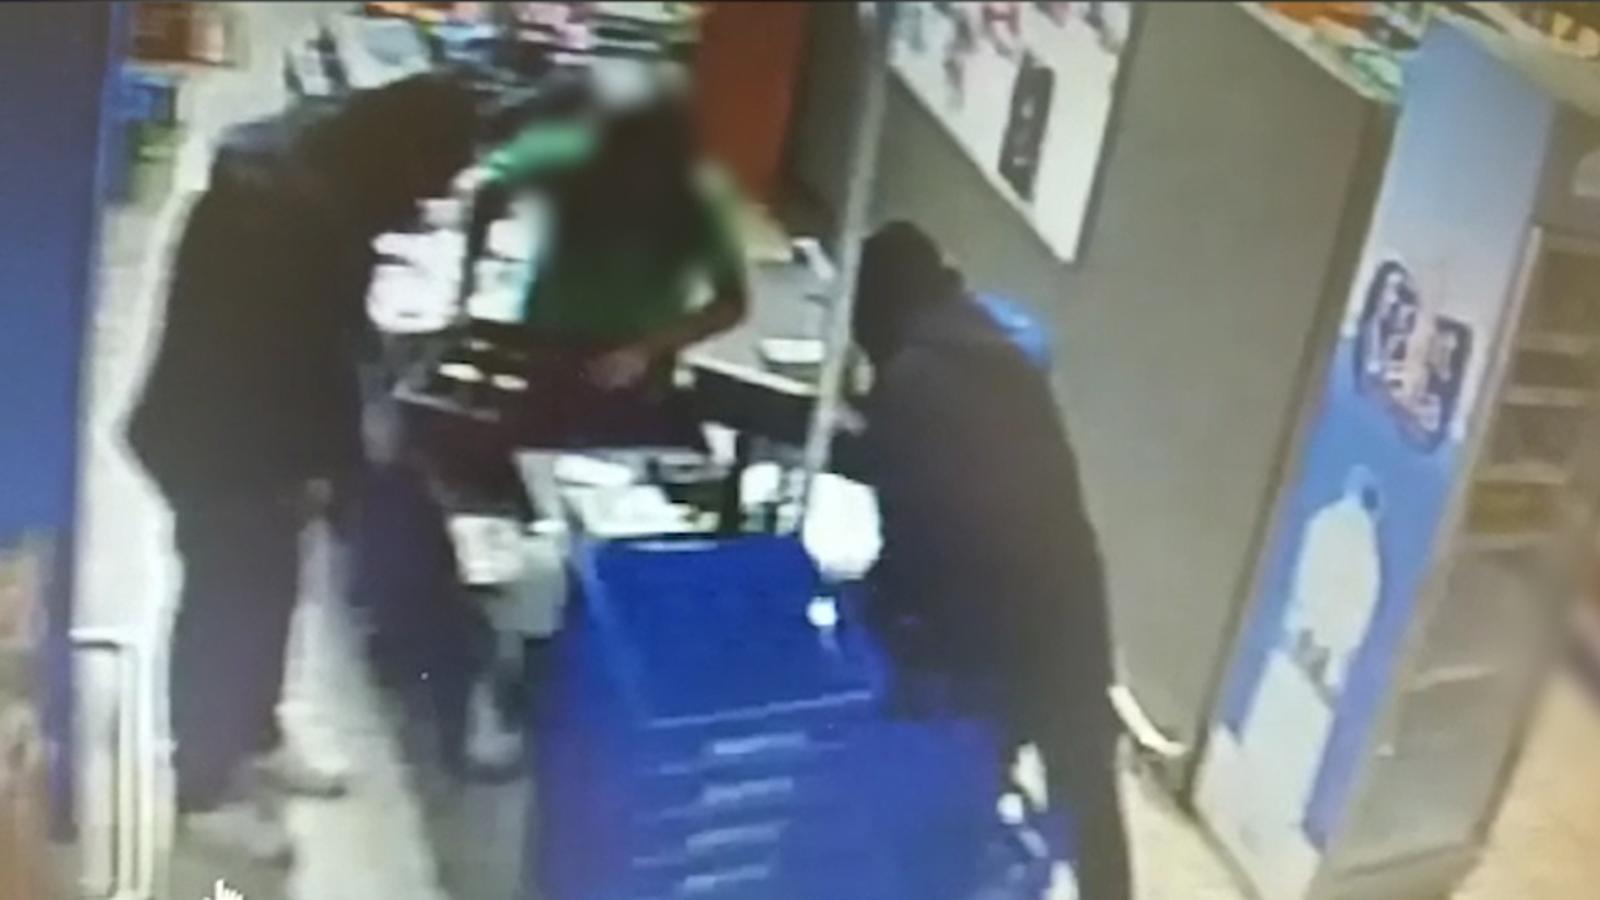 Els supermercats tampoc s'escapen dels robatoris